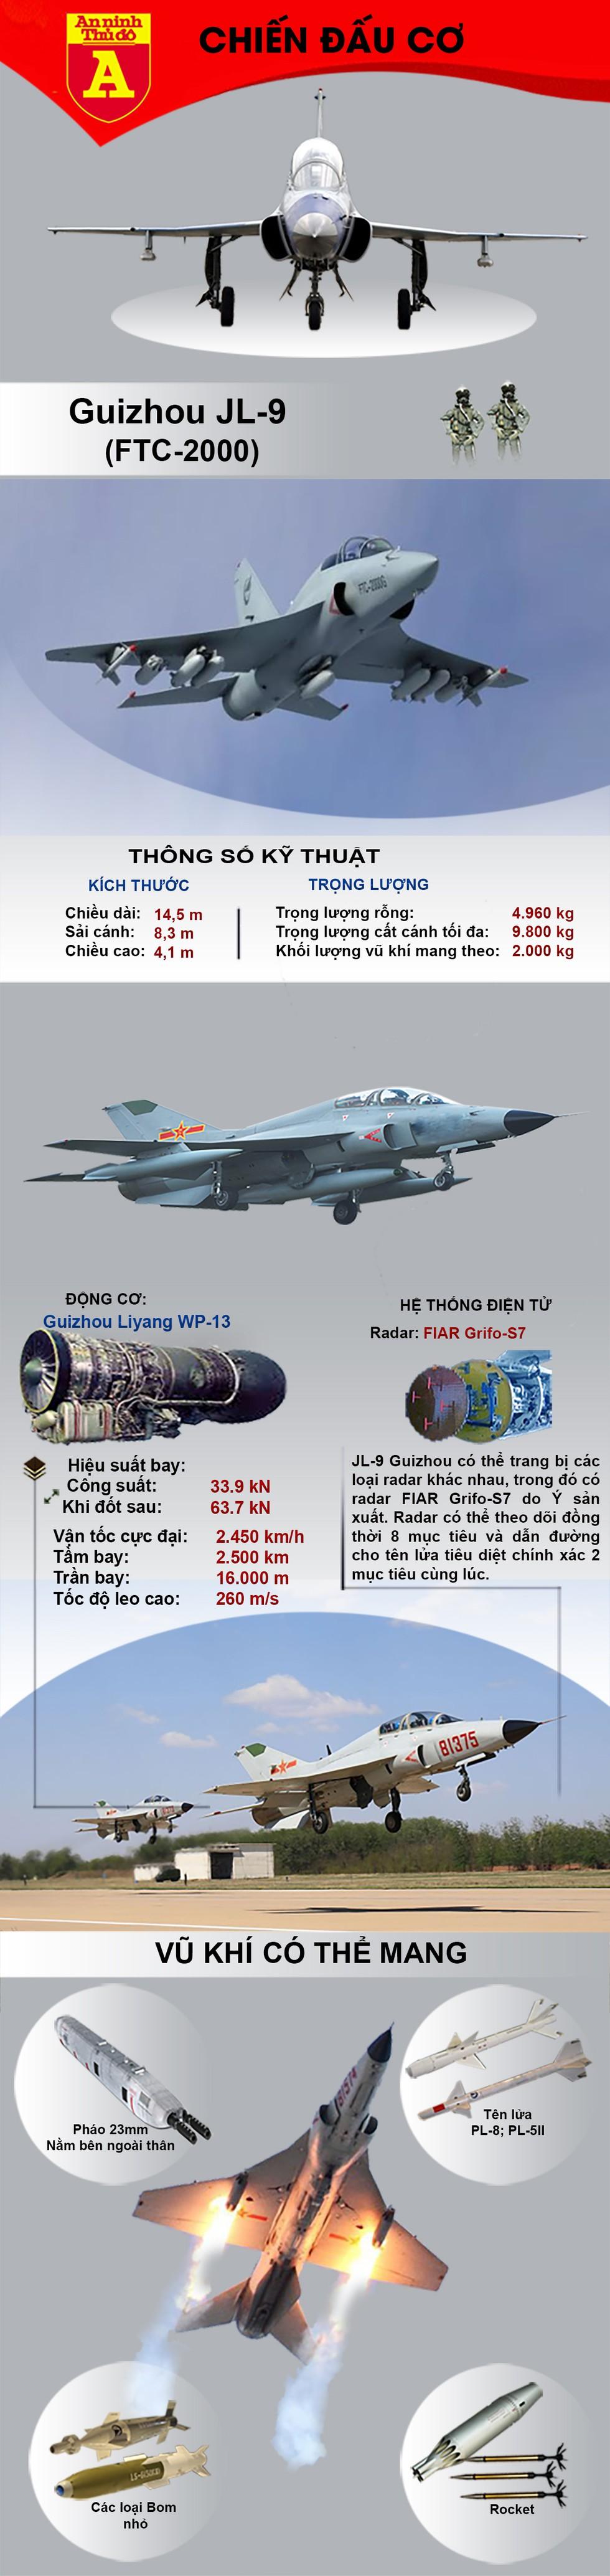 [Infographics] Campuchia bất ngờ đặt mua chiến đấu cơ FTC-2000 của Trung Quốc - Ảnh 1